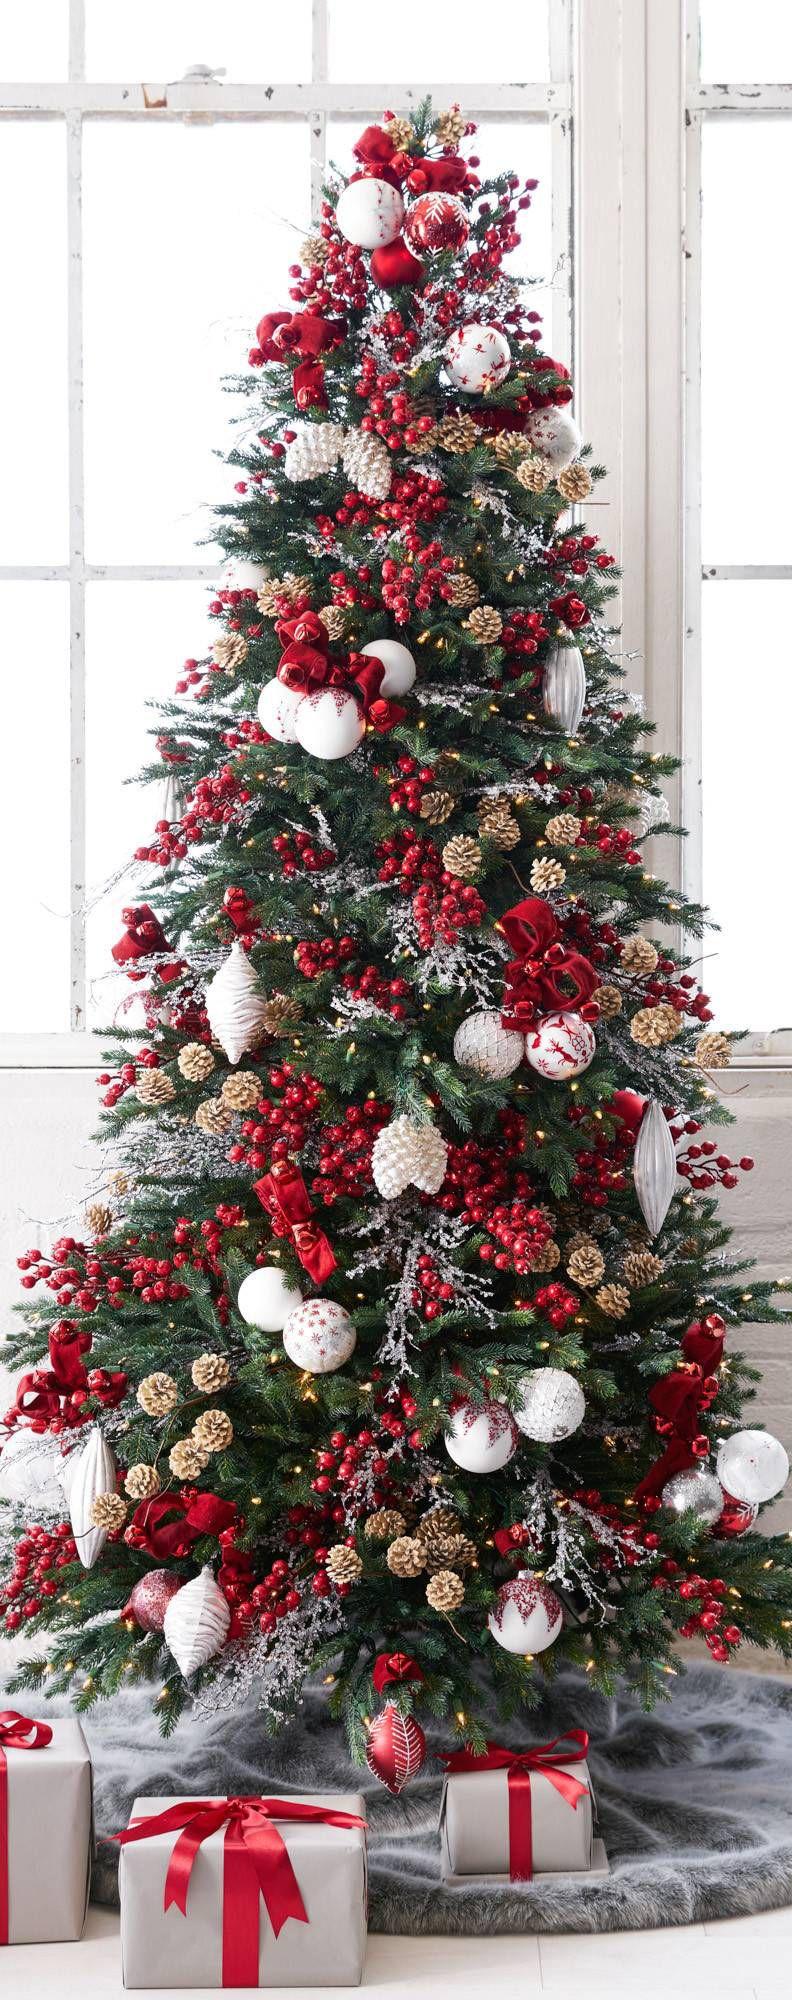 Rustic Christmas Decorating Ideas | Weihnachtsbäume, Weihnachten und ...